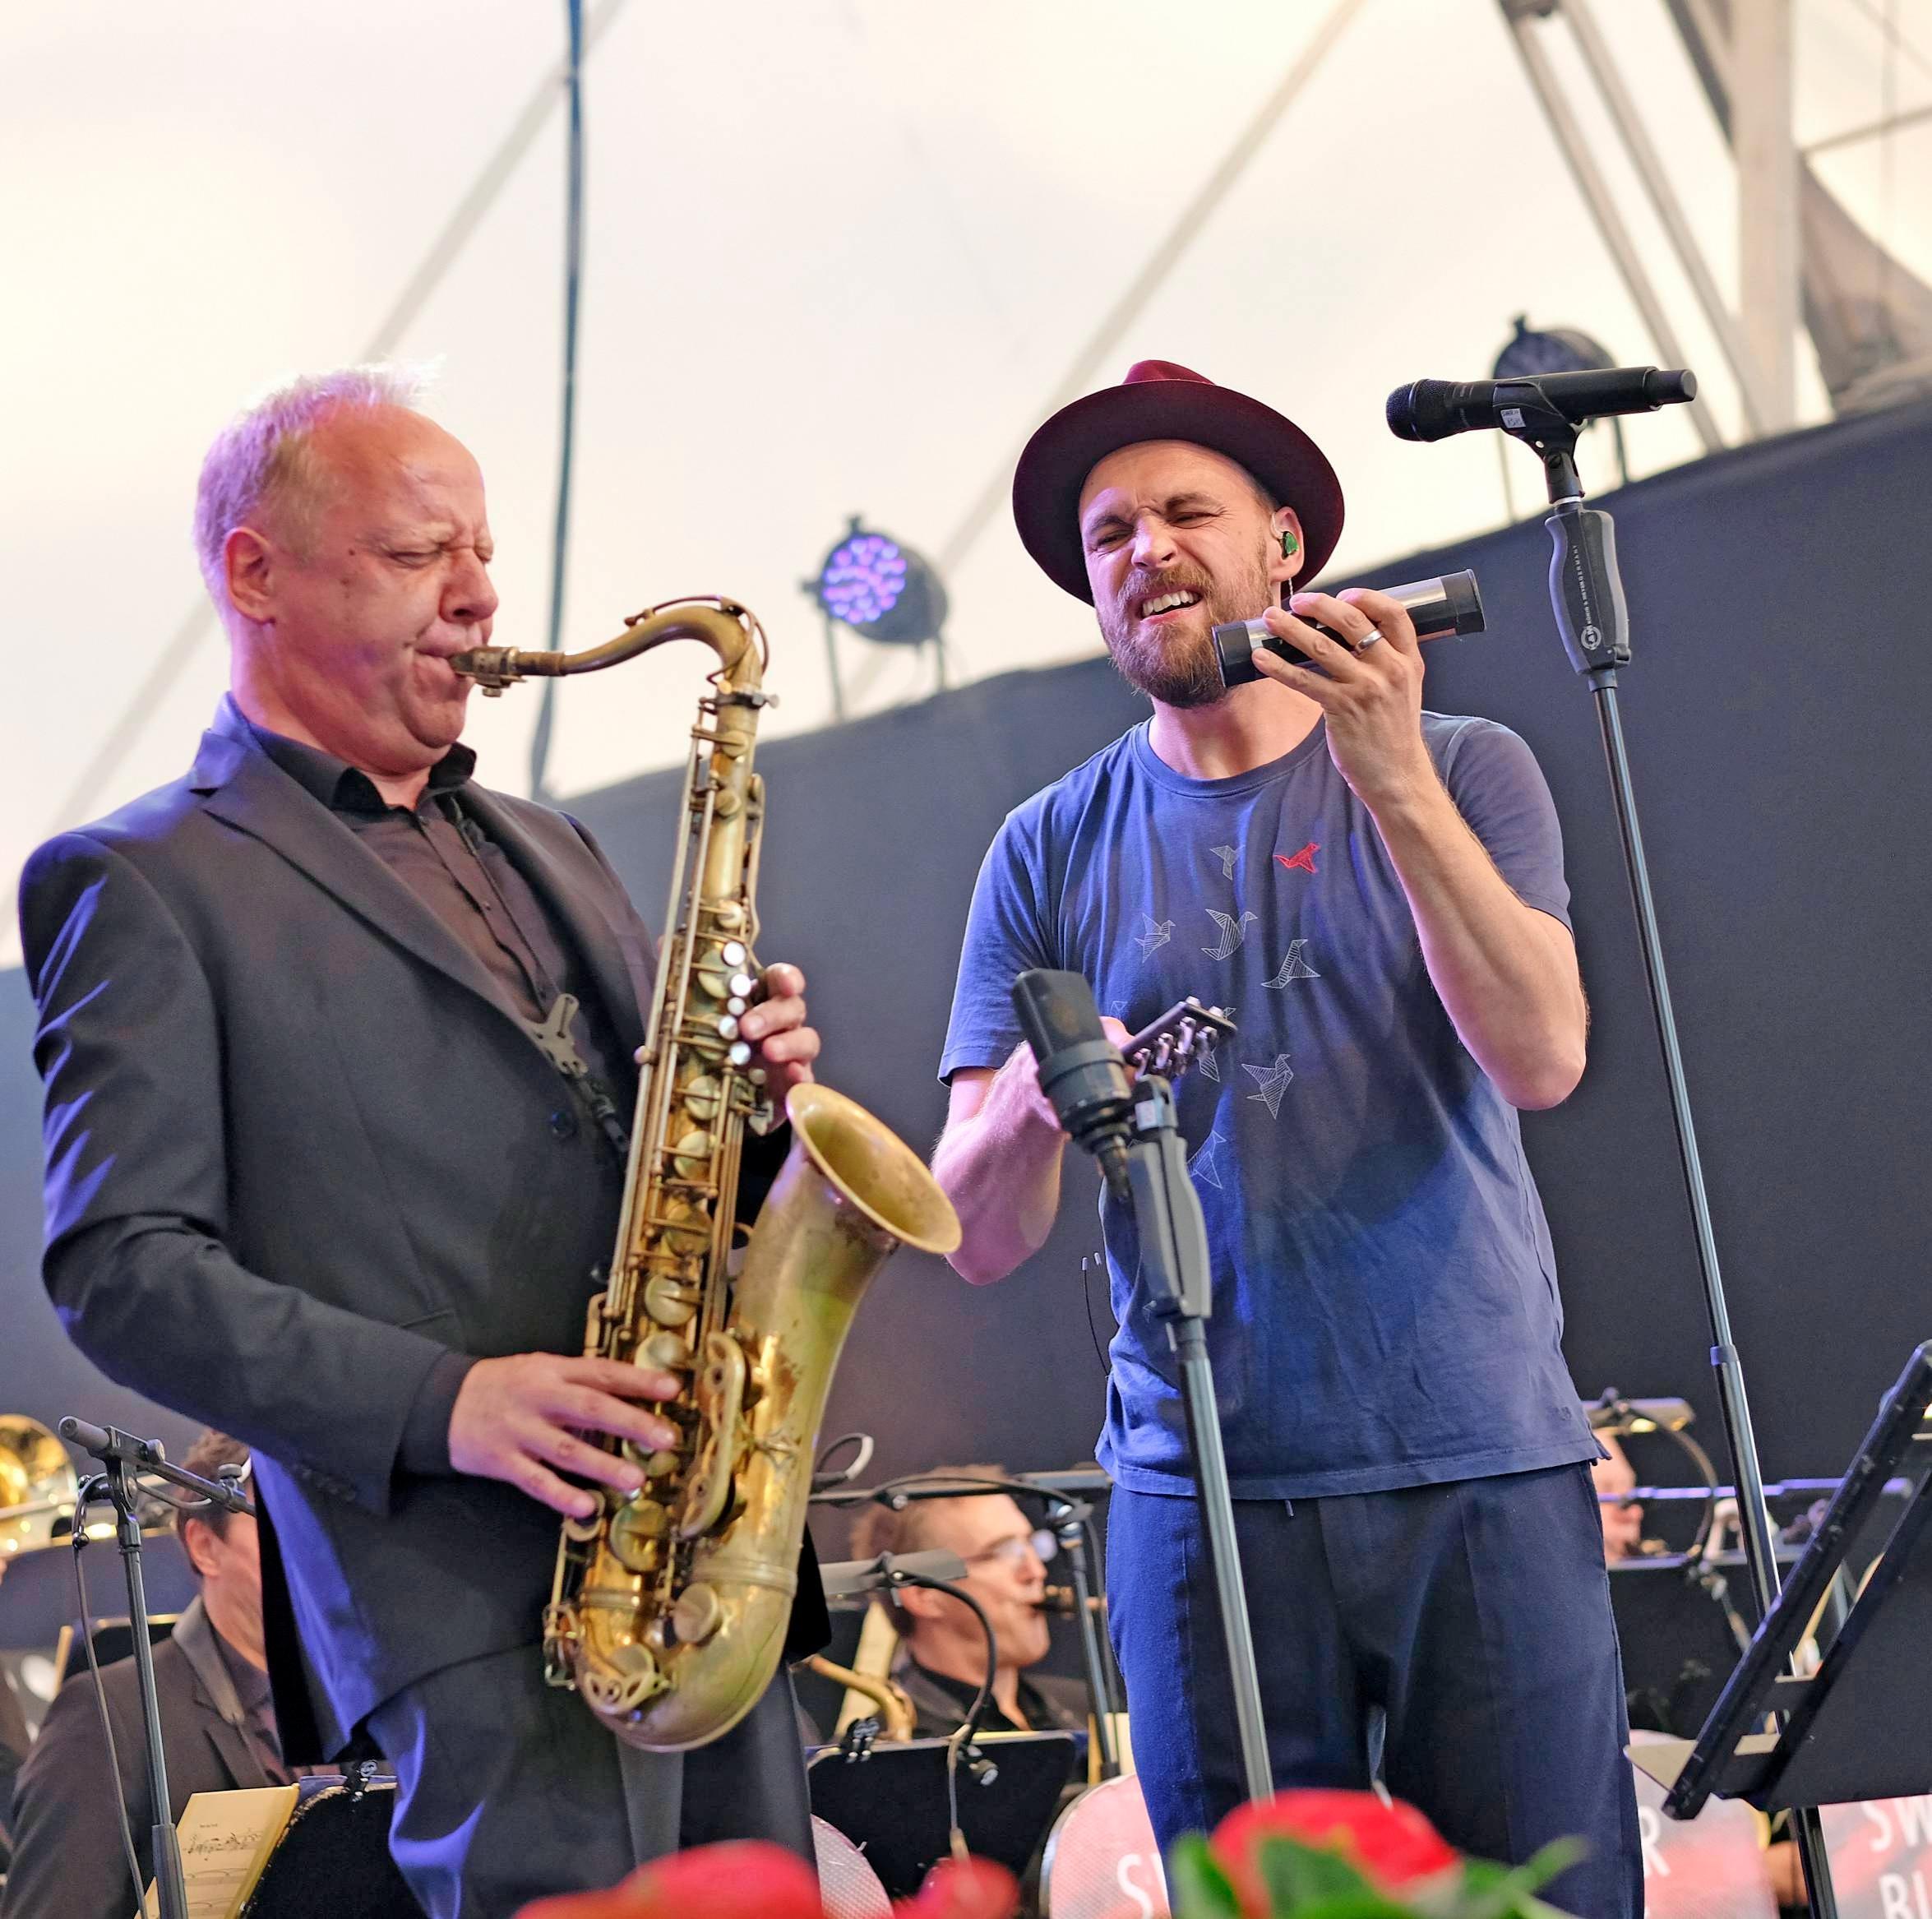 Reichlich Applaus gibt es für Max Mutzke (rechts) und die SWR Big Band.